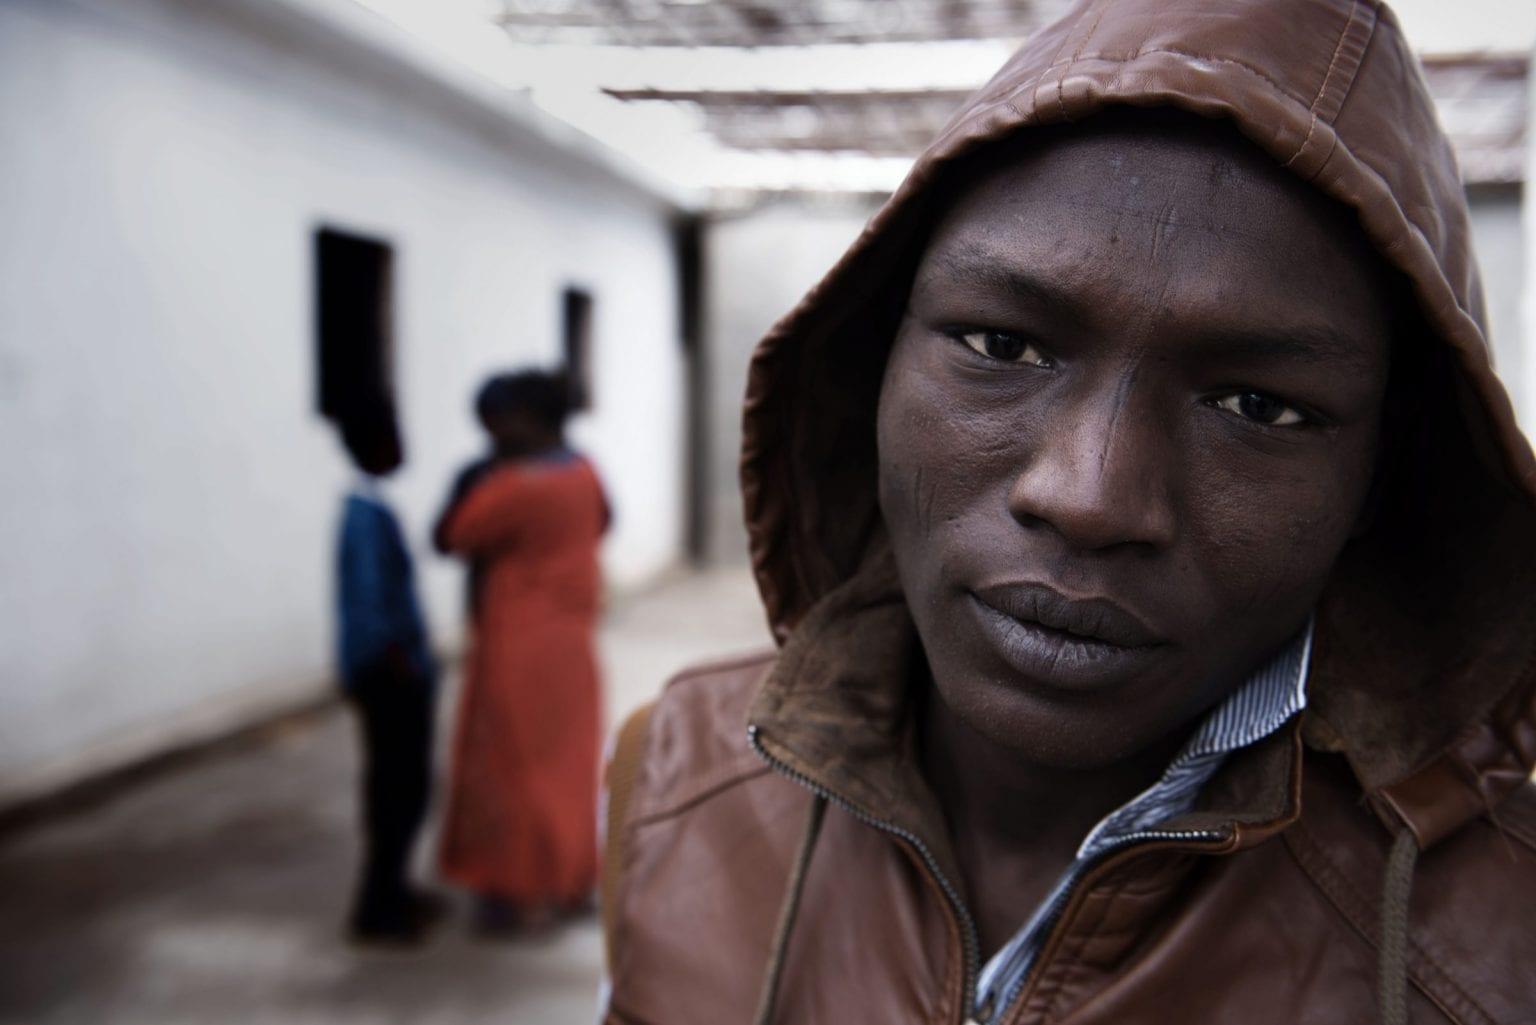 Op mod 750.000 migranter og asylansøgere er ifølge FN fanget i det borgerkrigshærgede Libyen, hvor to regeringer og et utal af militser kæmper om magten. Danmark er den tredjestørste sponsor af EU's migrantindsats i Afrika, både i kroner og per indbygger. Foto: UNICEF